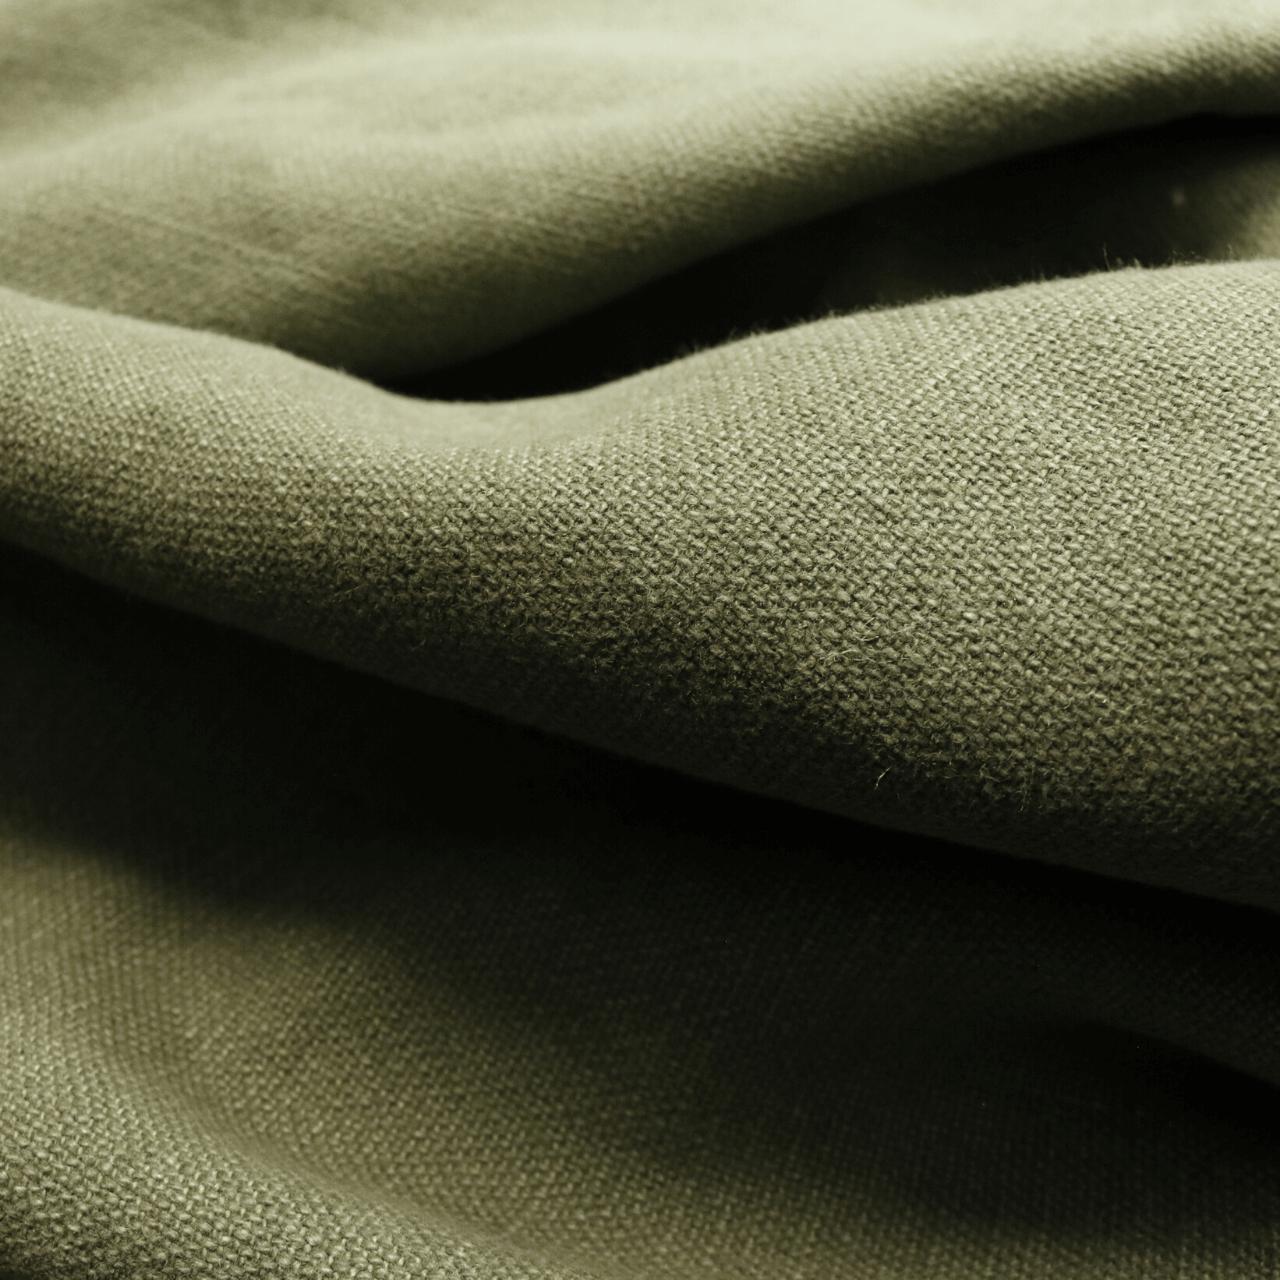 100% Linen - Double Duty - 140